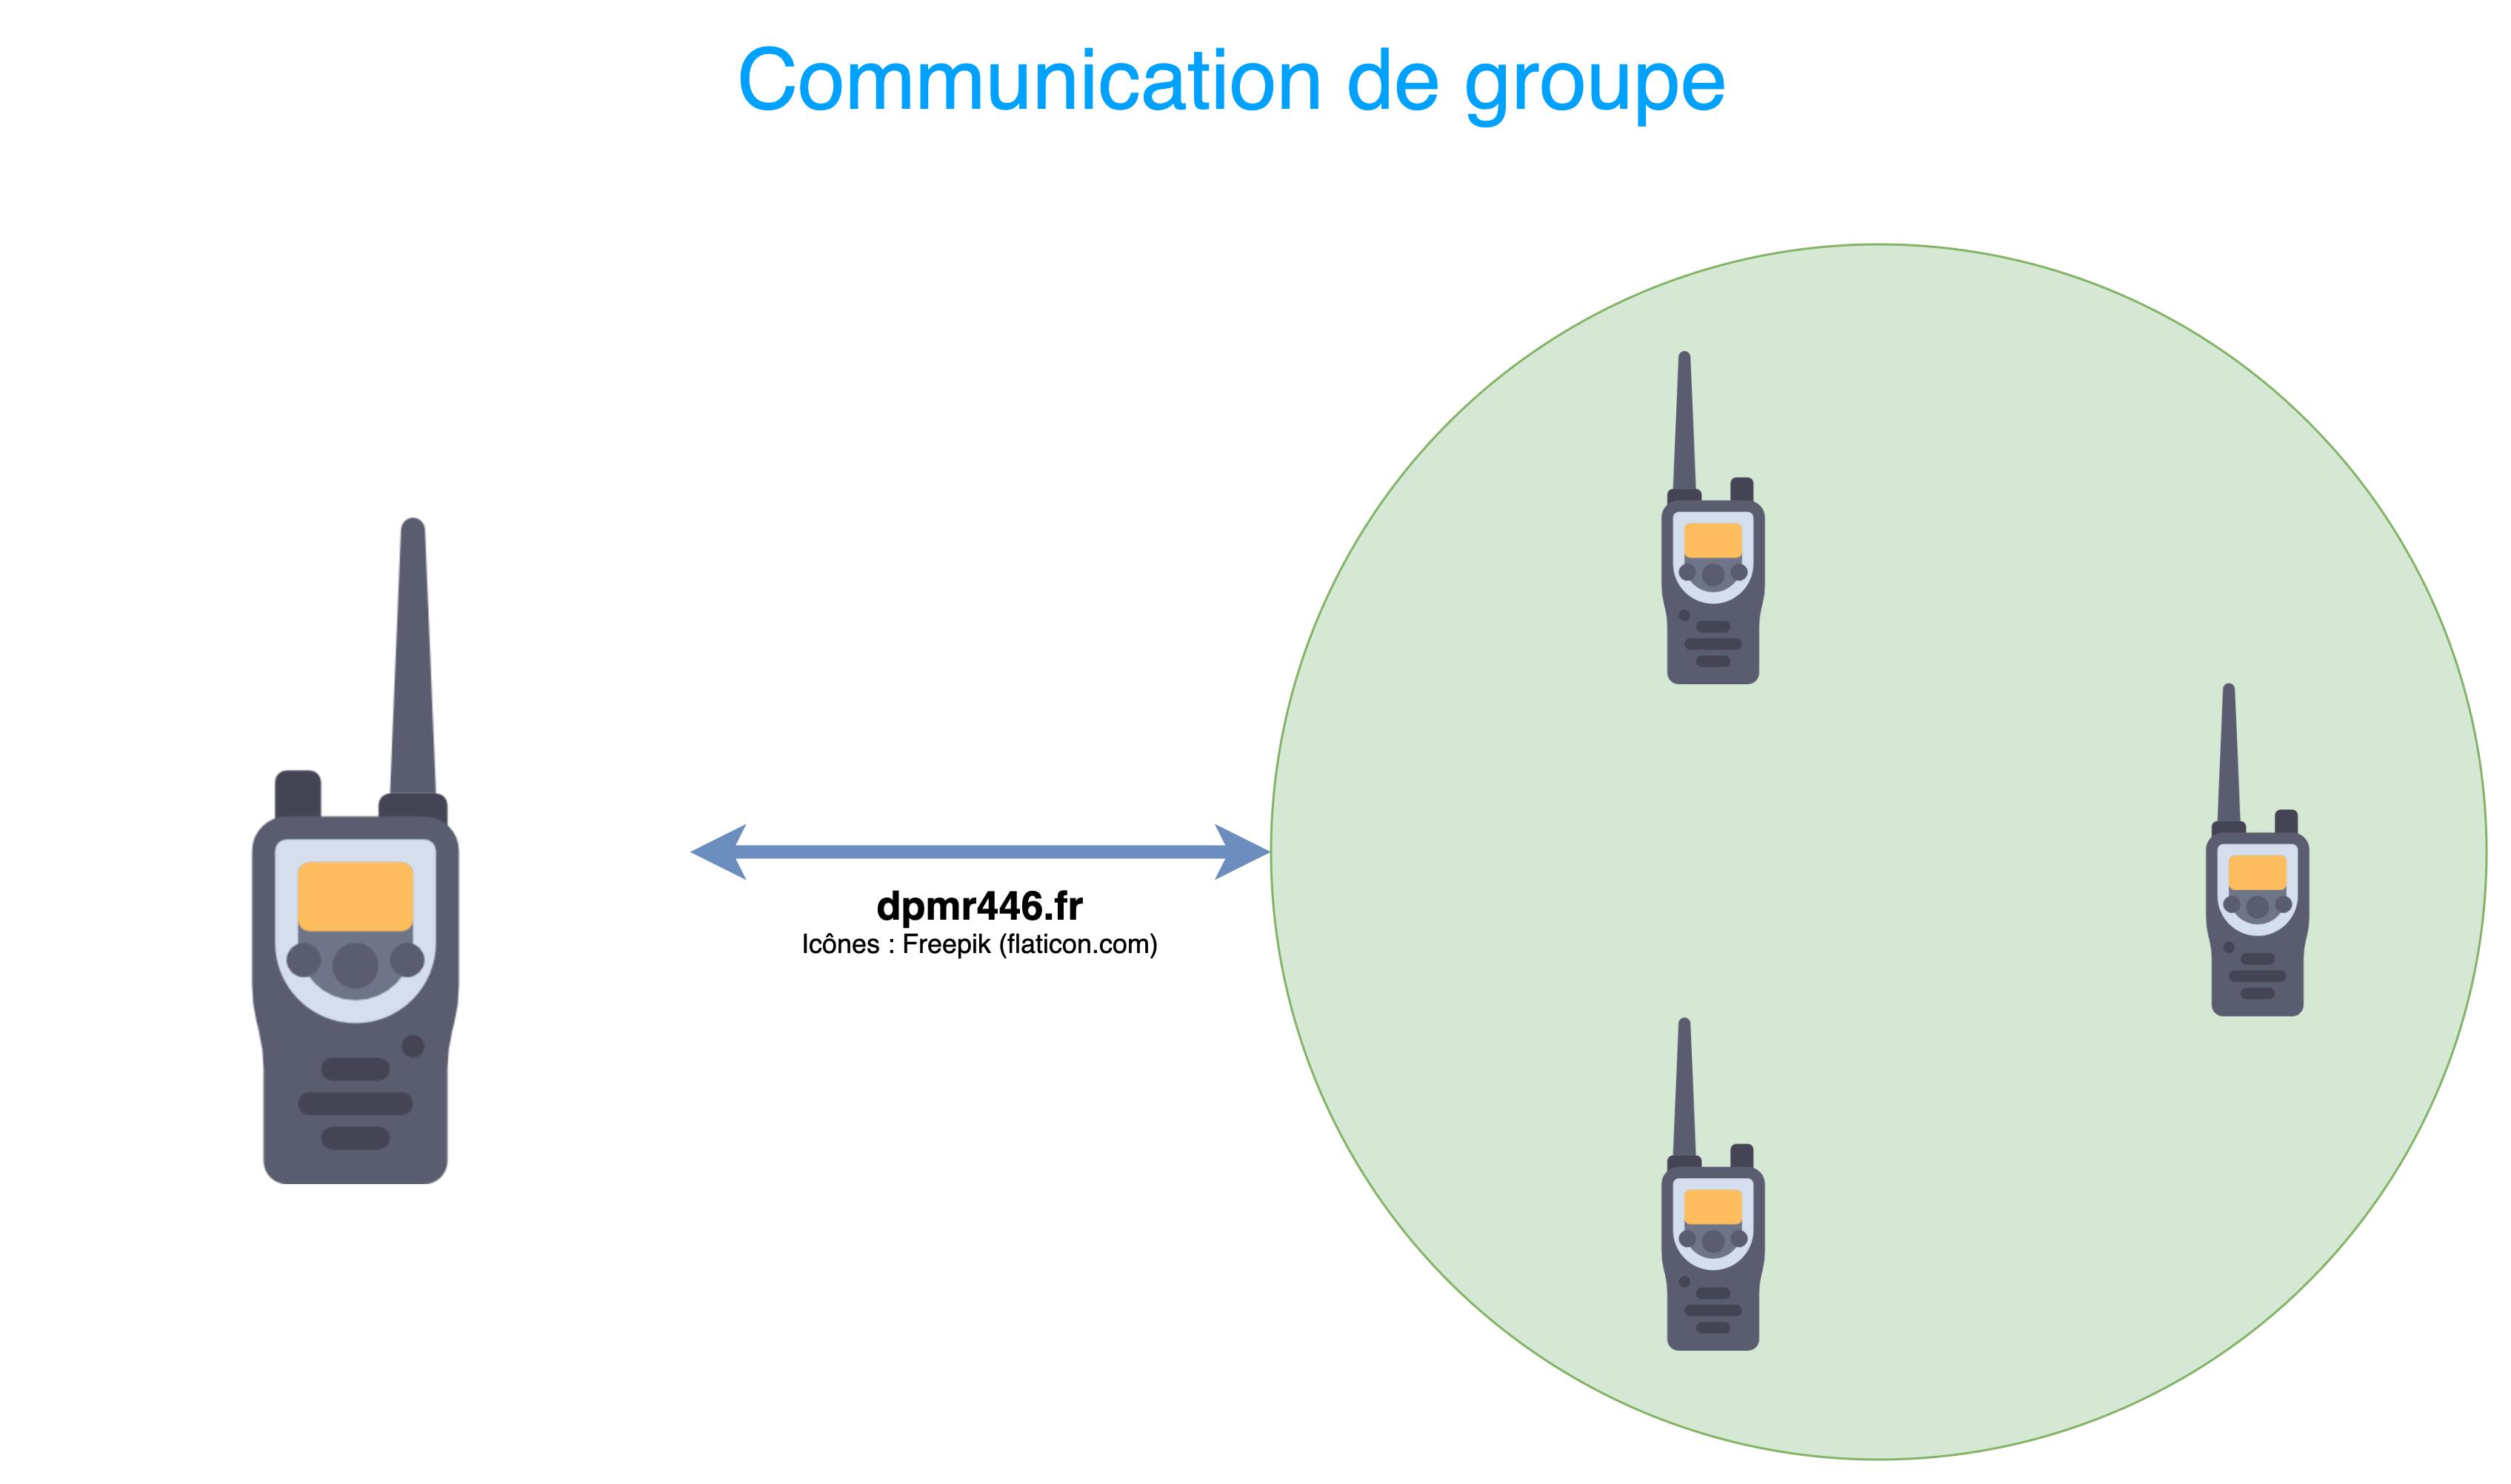 Communication de groupe